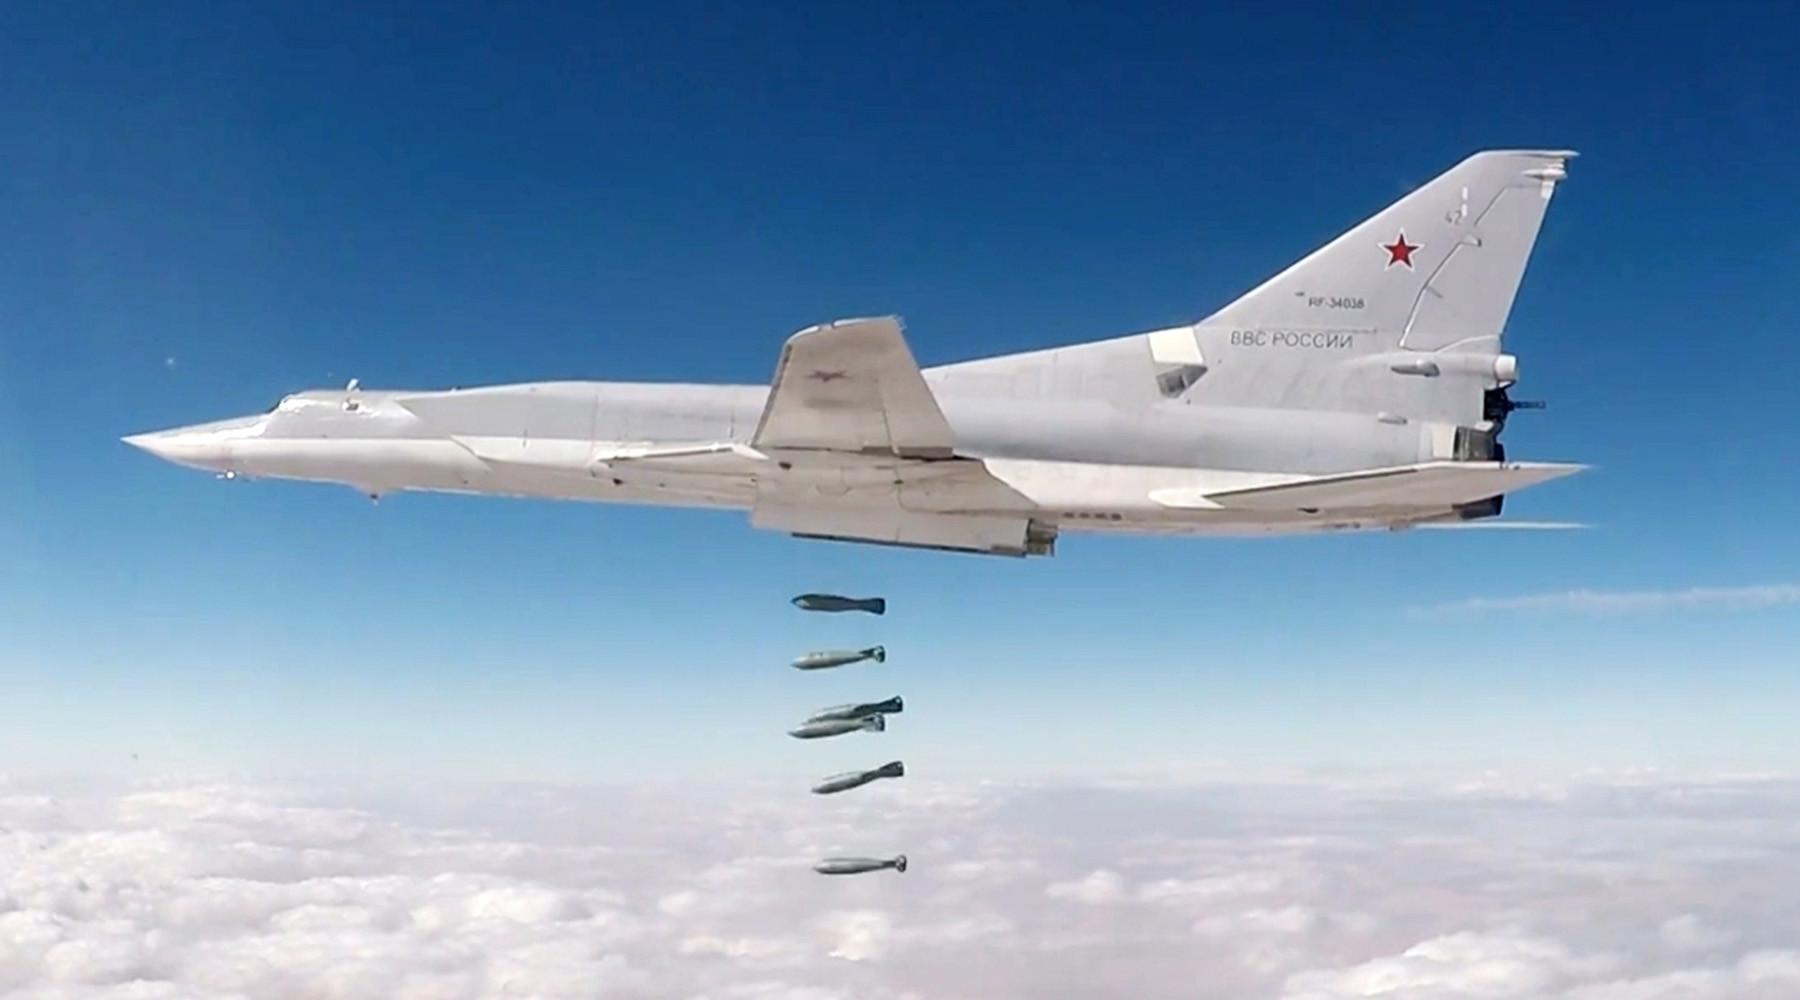 Небесный ядерный щит: на что способна стратегическая авиация России